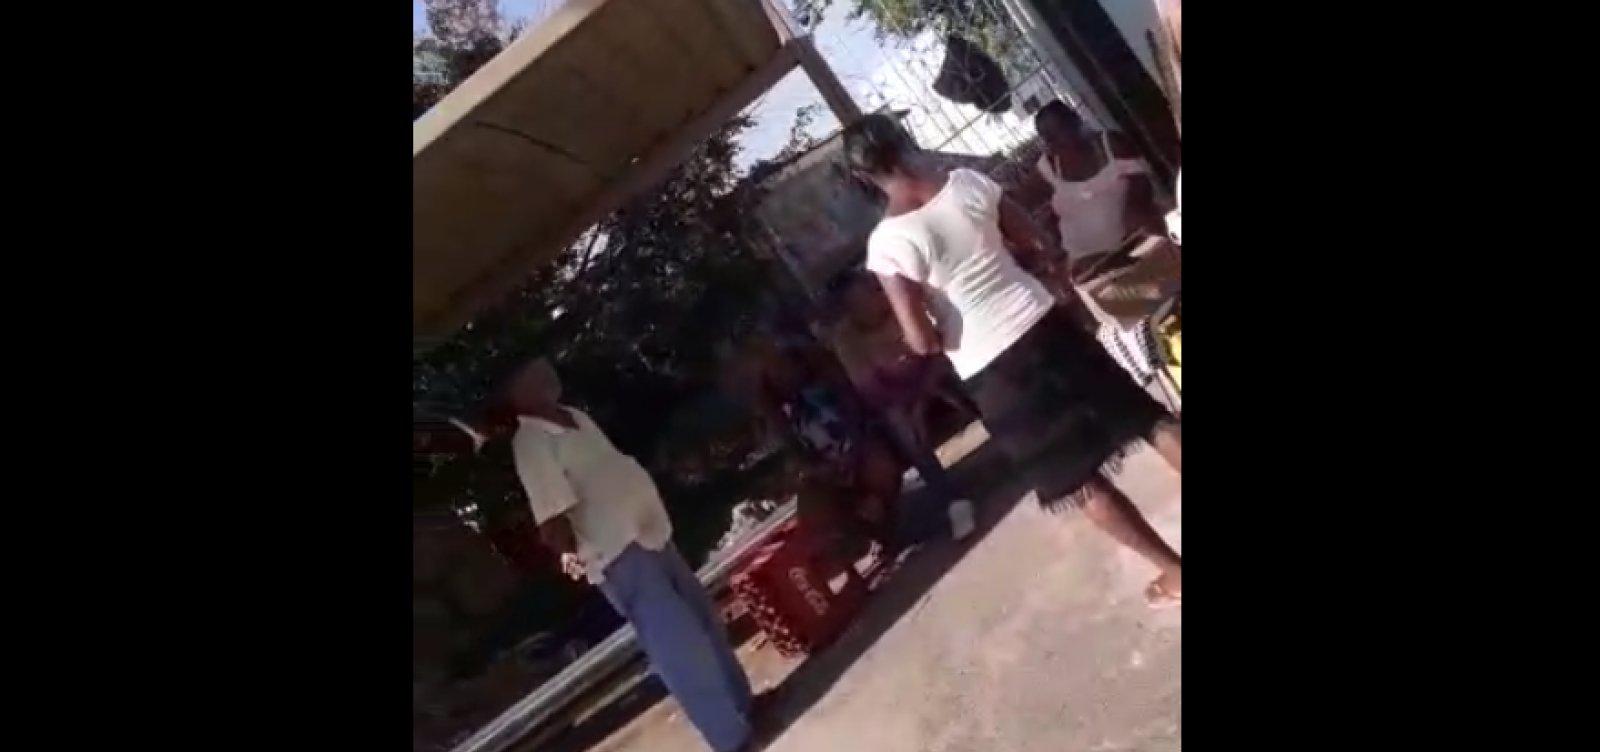 [Você Repórter: ponto de ônibus vira bar em Cajazeiras; veja vídeo]